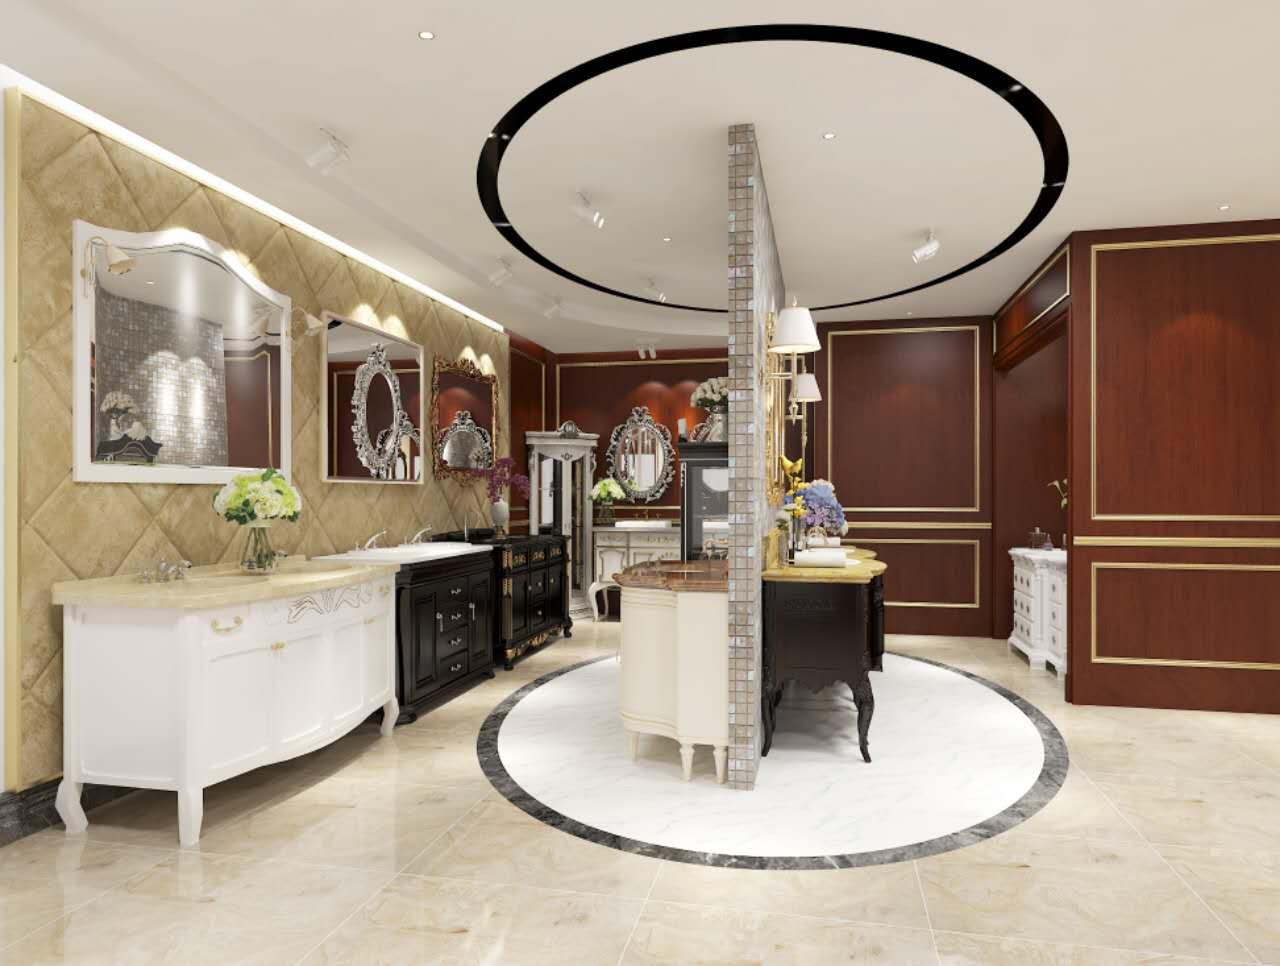 混搭 白领 小资 卫生间图片来自圣奇凯尚室内设计工作室在高端卫浴柜弗洛迪展厅设计二的分享